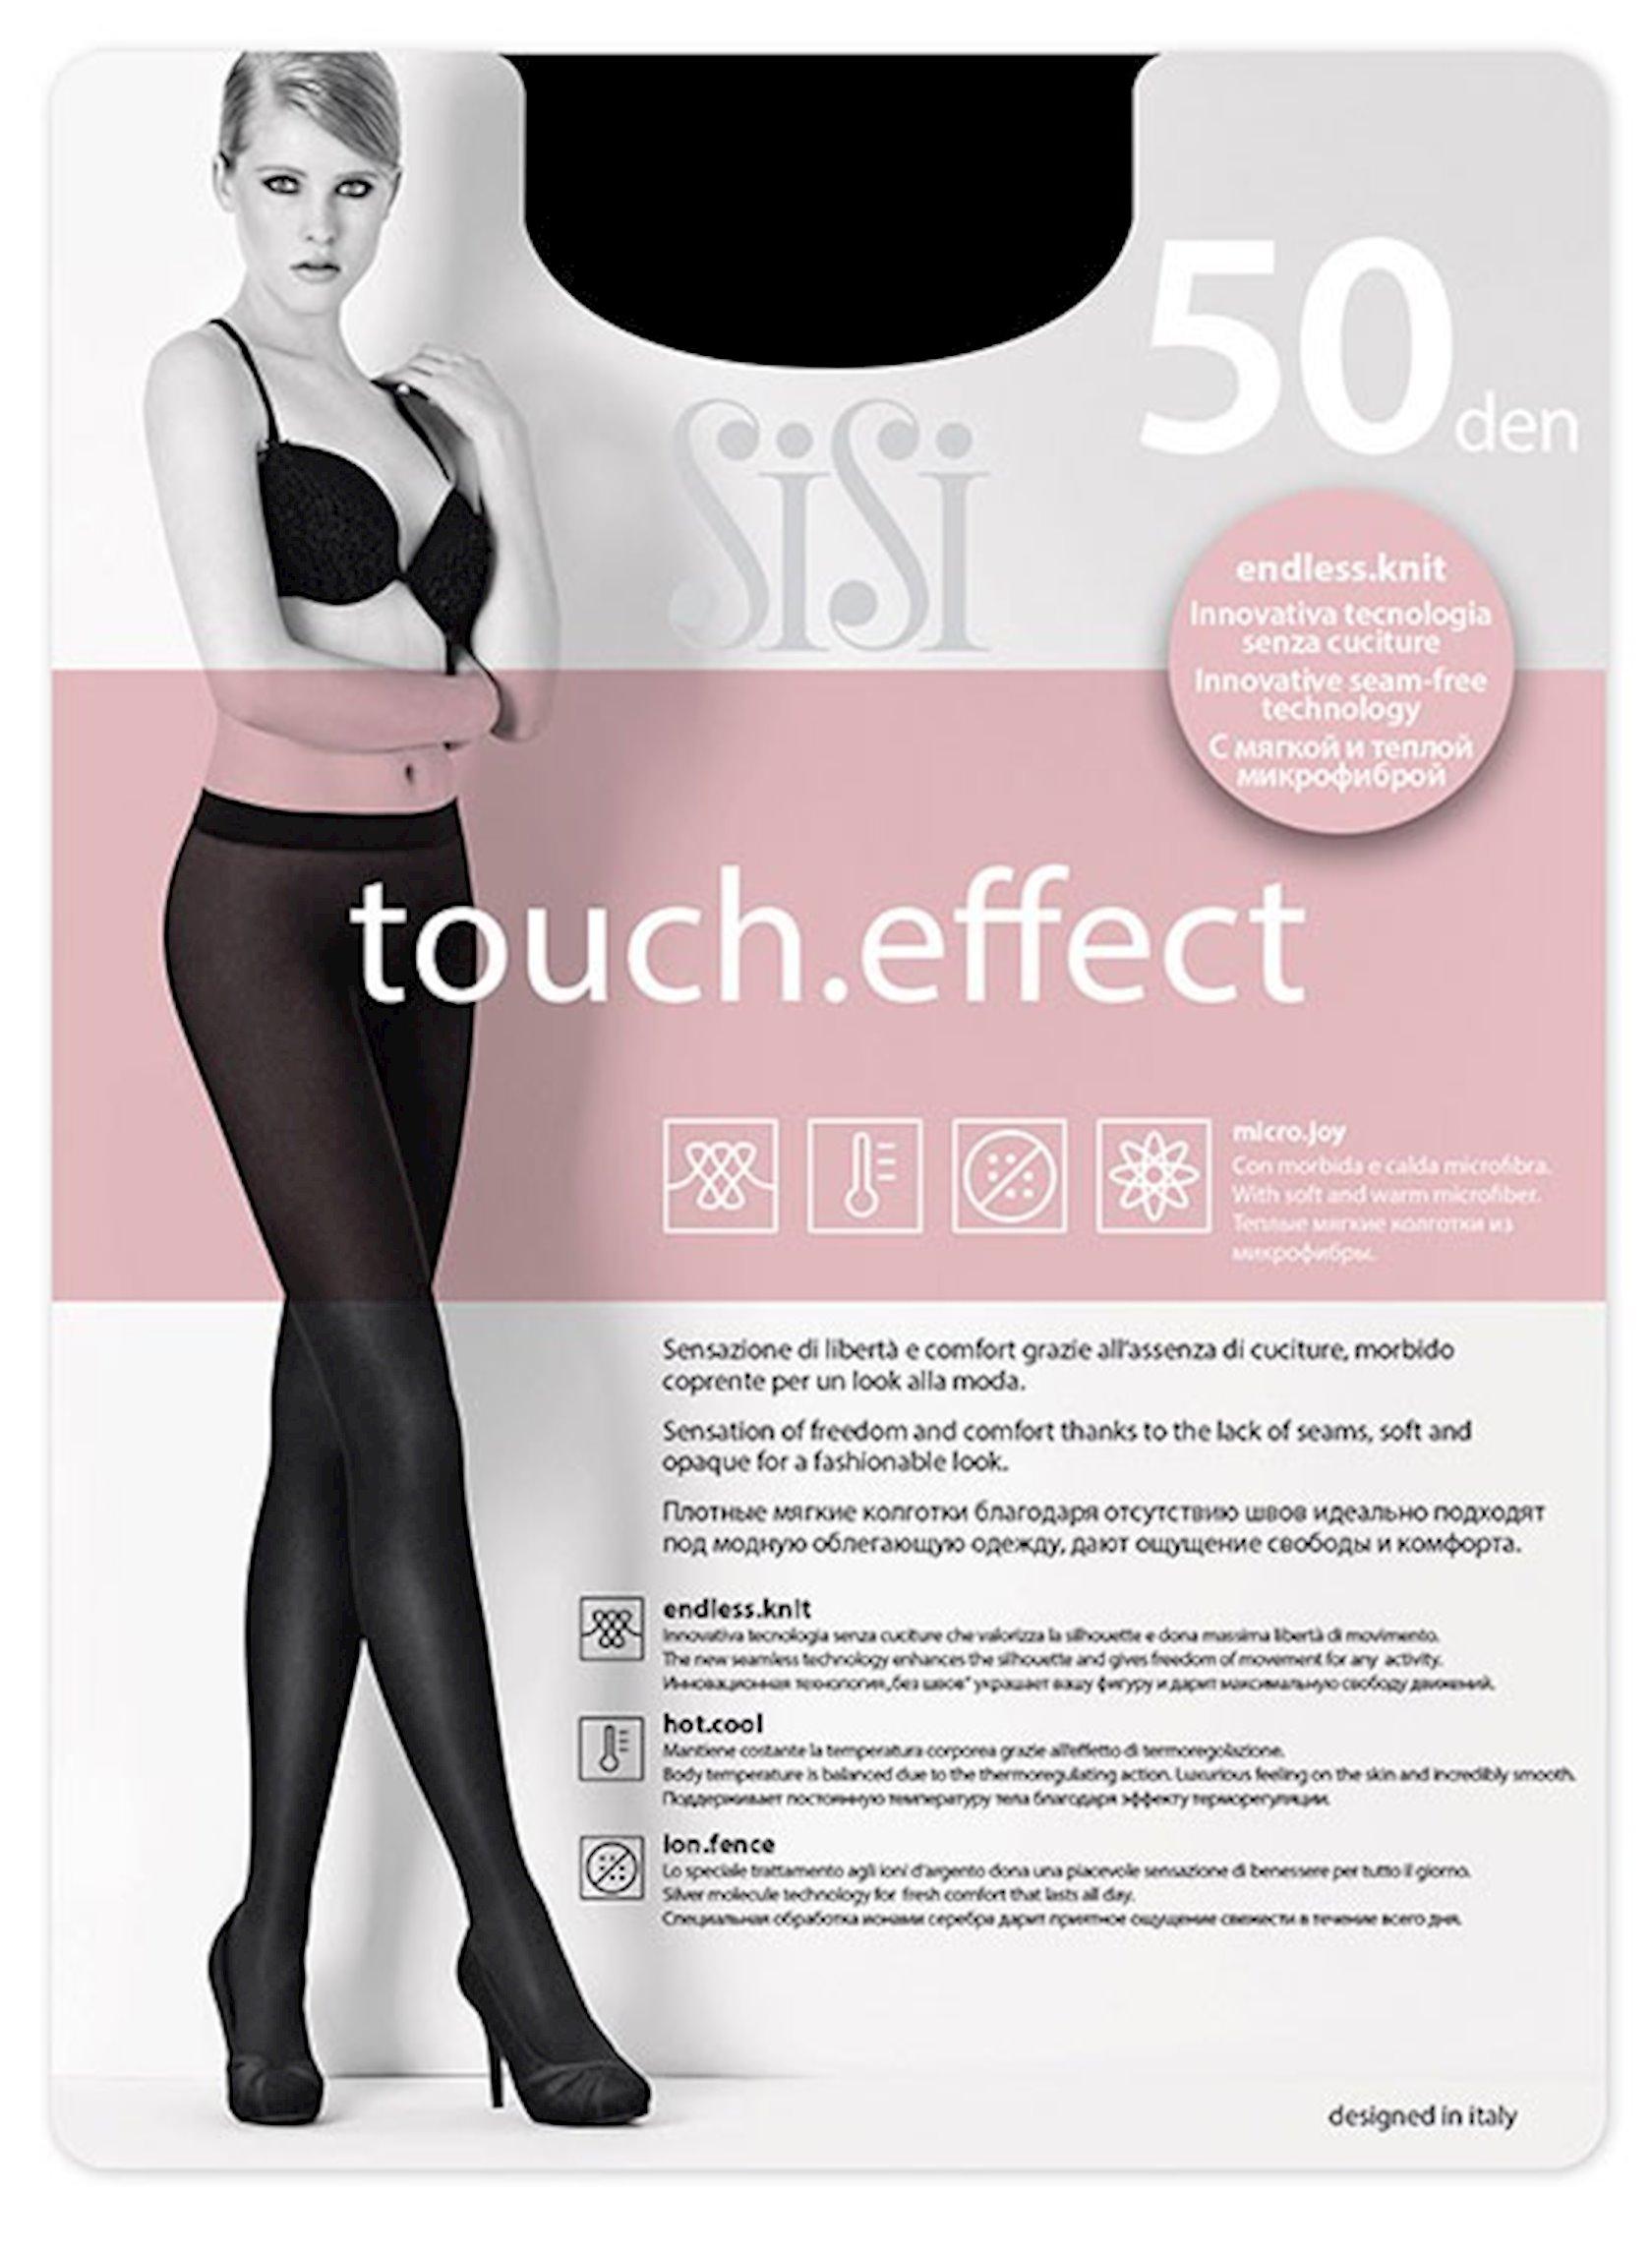 Kolqotqa Sisi Touch Effect, 50den, ölçü 2(S), Moka, şokolad